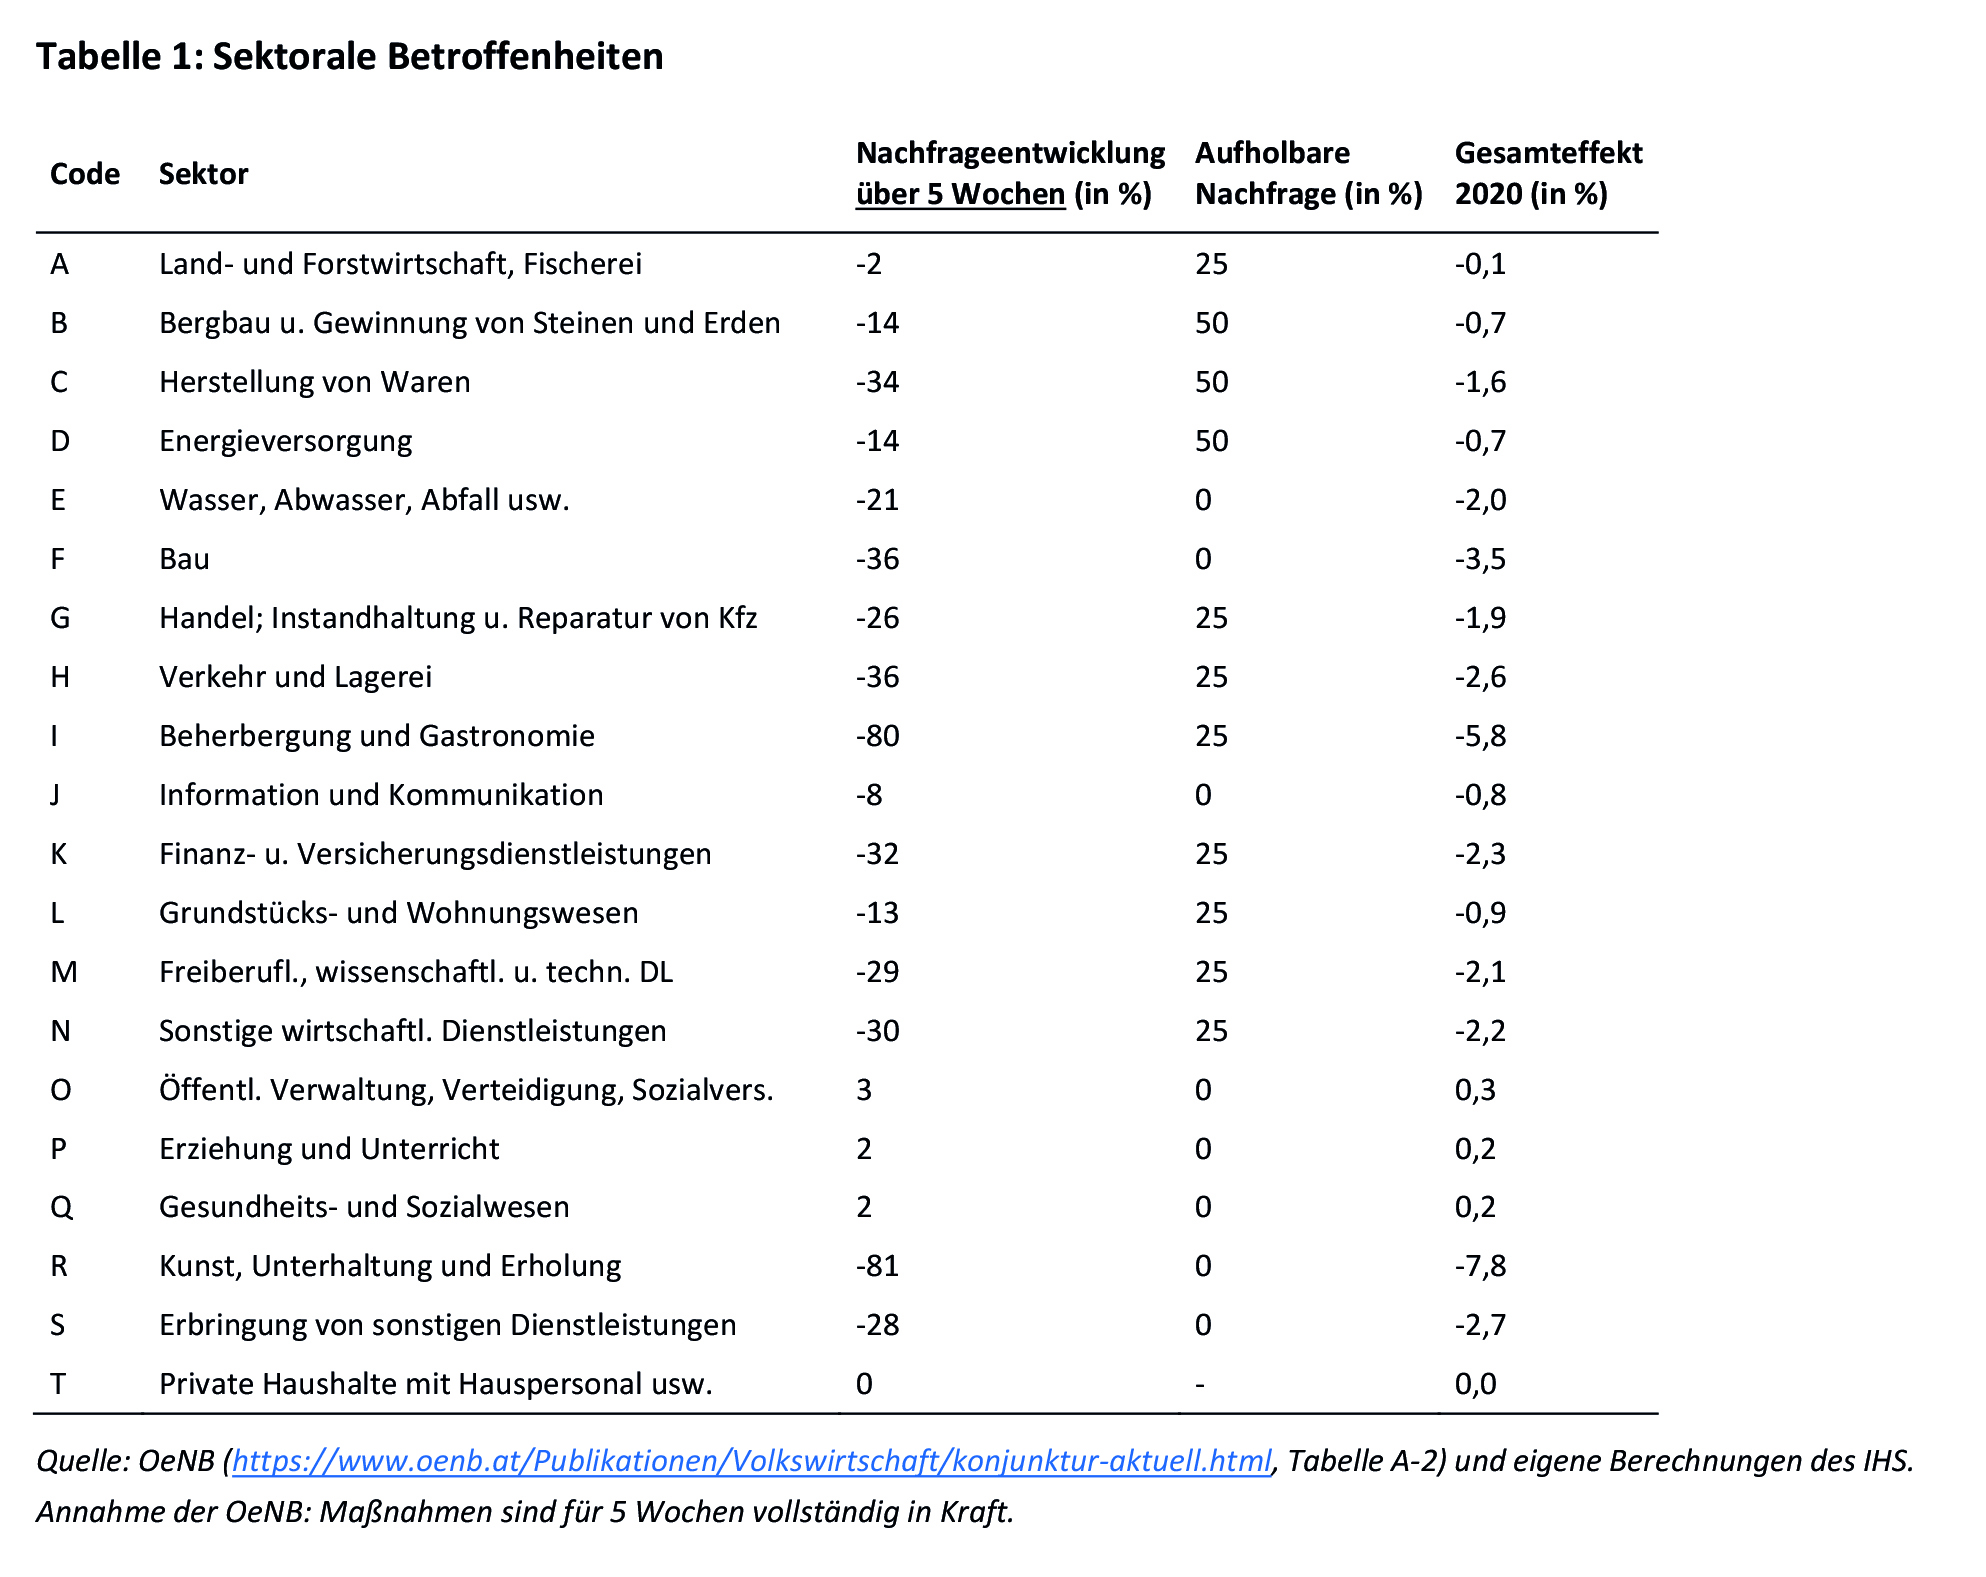 Sektorale Betroffenheiten